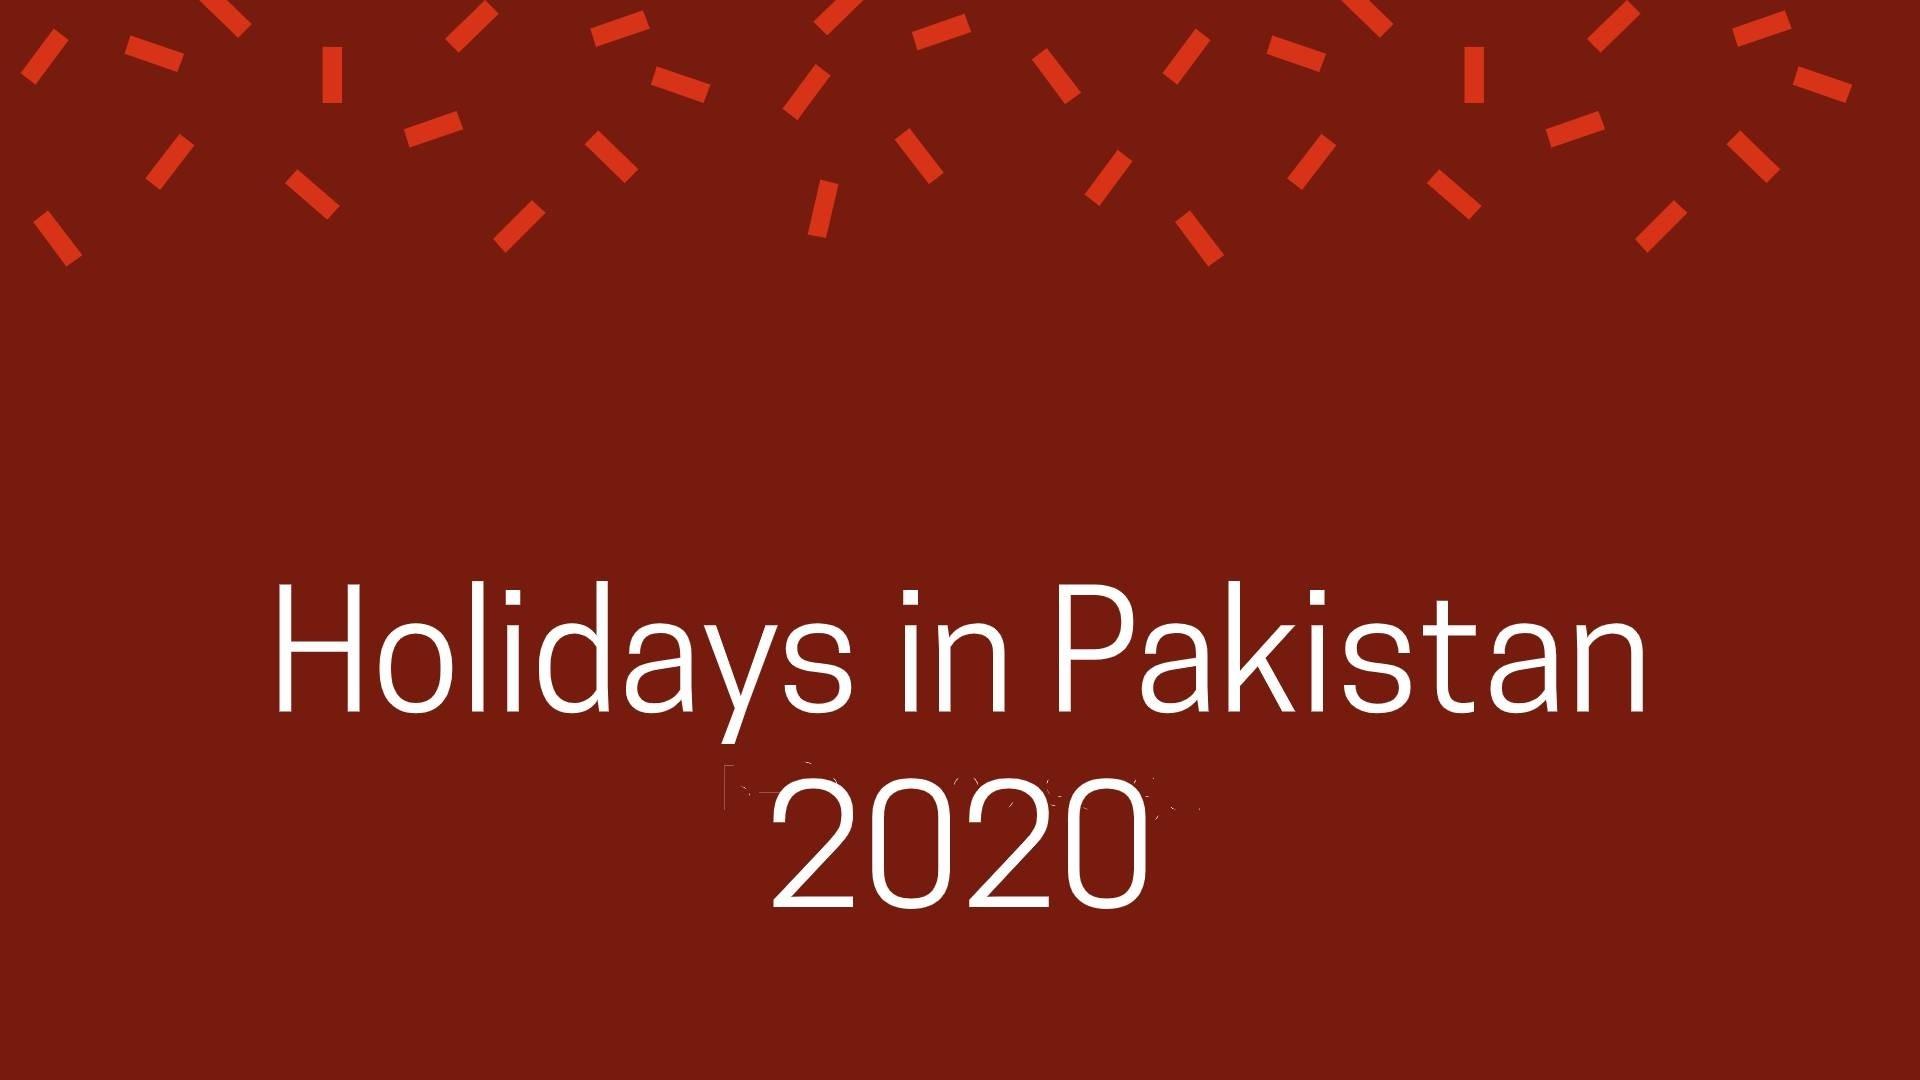 List Of Holidays In Pakistan In 2020 - Hit In Pakistan  Pakistan Holidays 2020